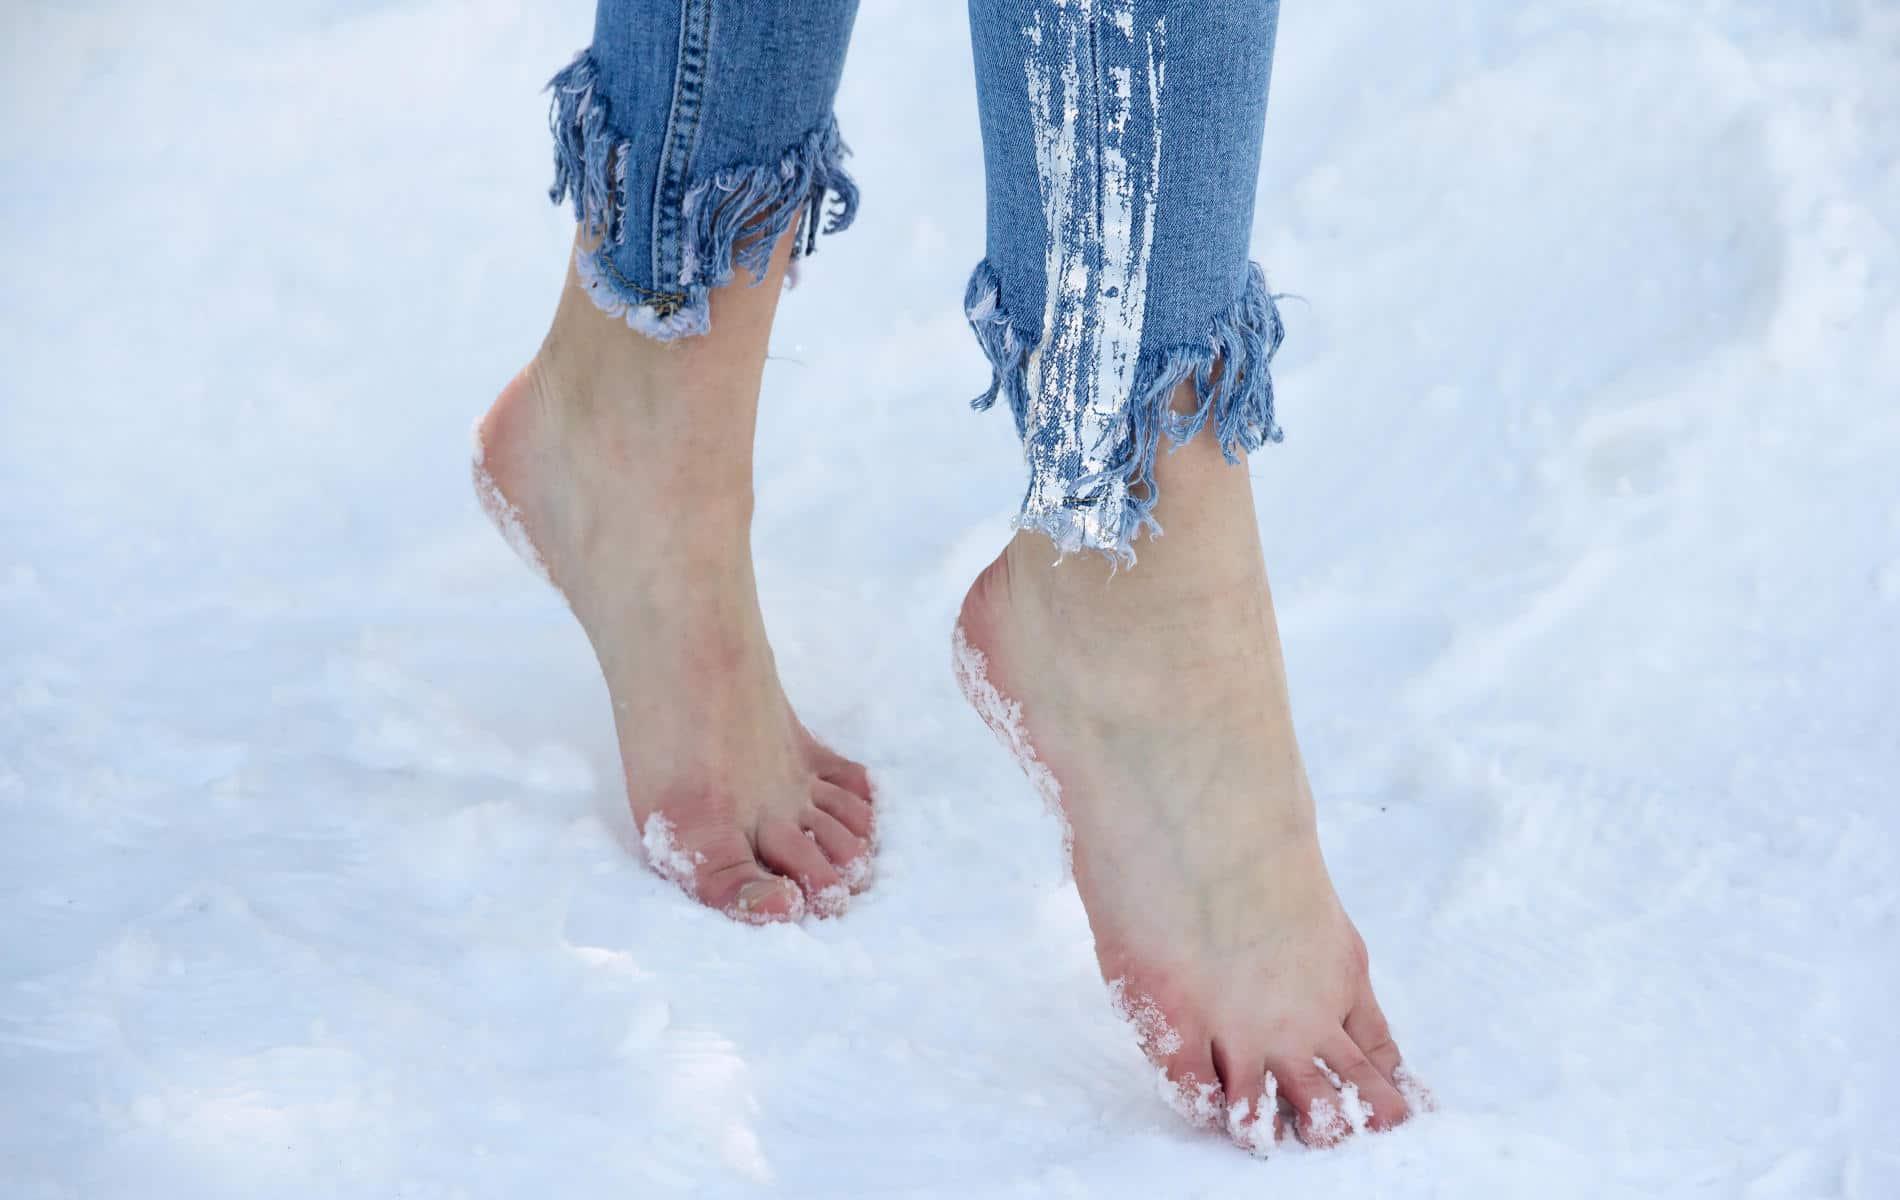 Barfuß im Schnee laufen - Wim Hof